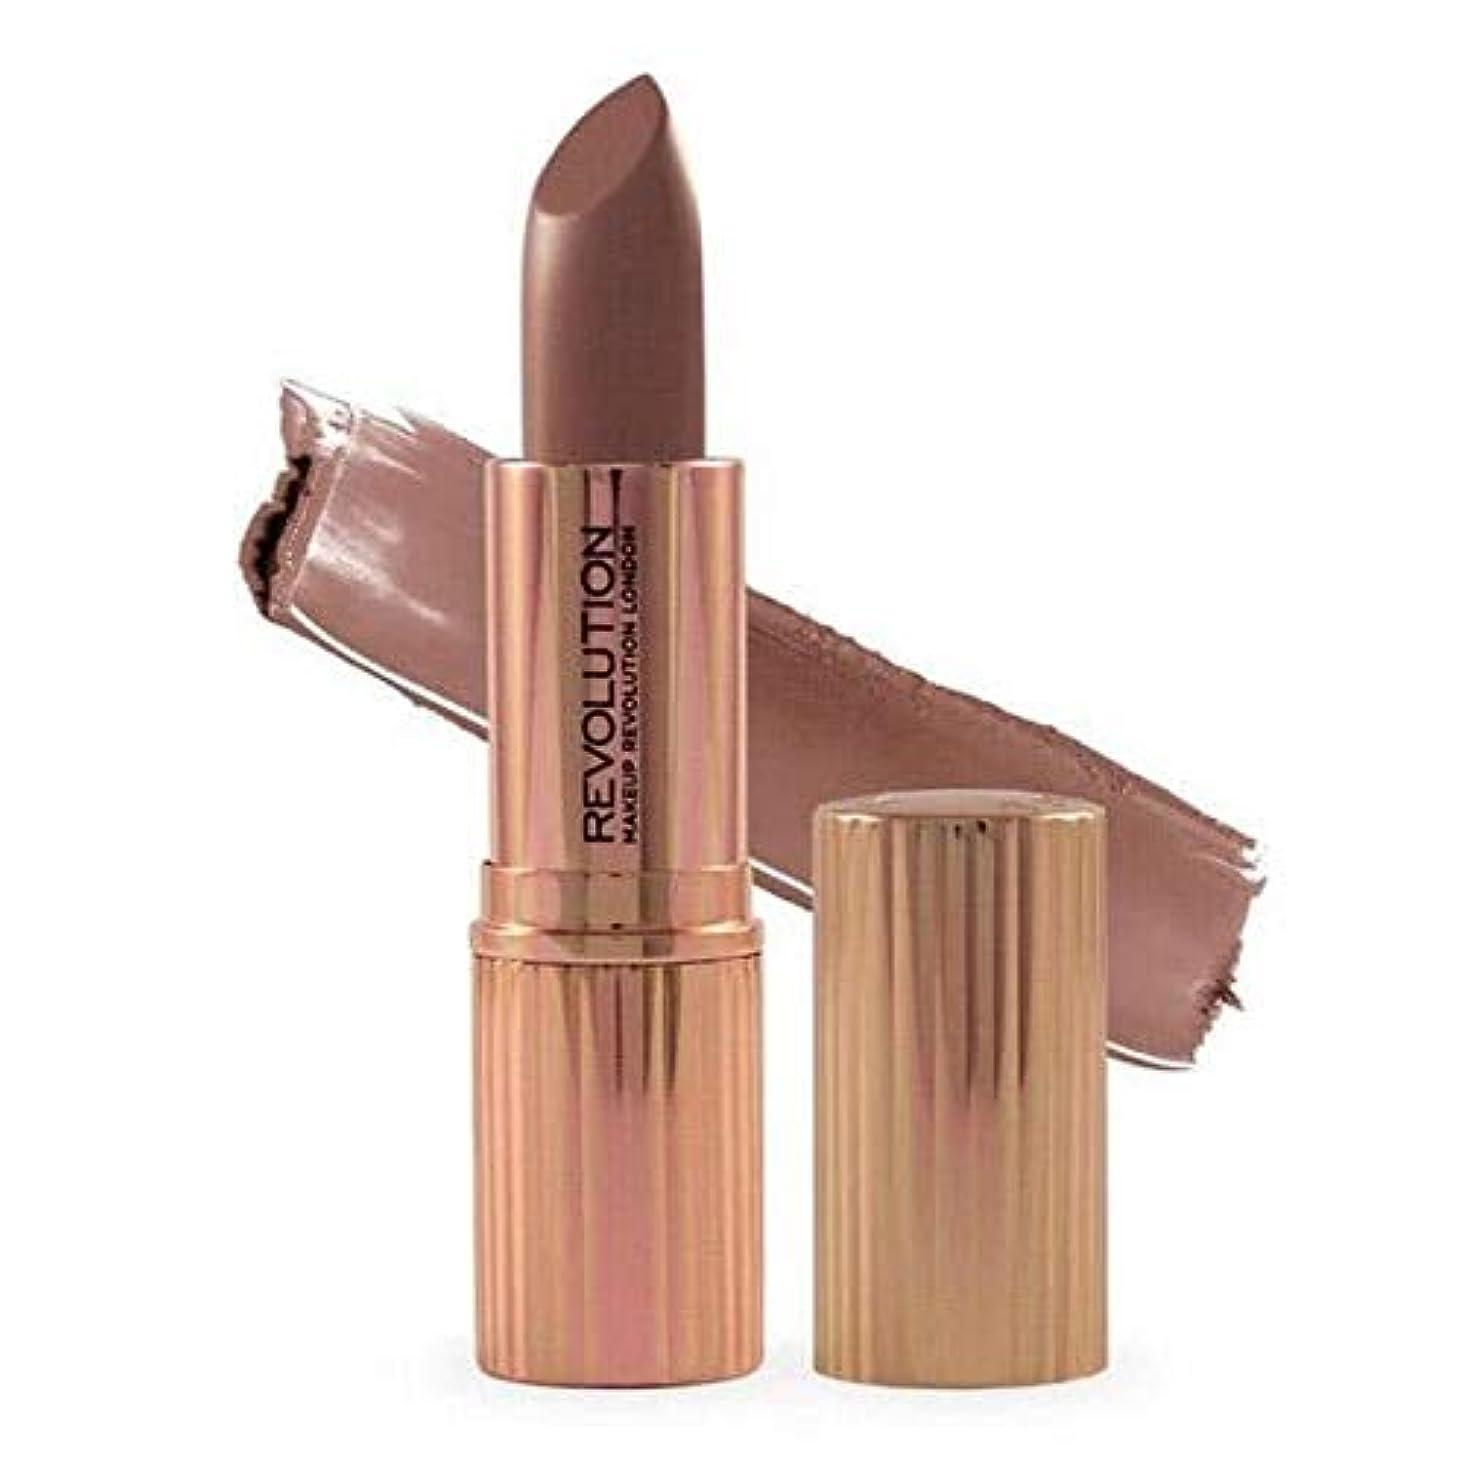 ジャンク減衰サワー[Revolution ] 革命ルネサンス口紅の誓い - Revolution Renaissance Lipstick Vow [並行輸入品]